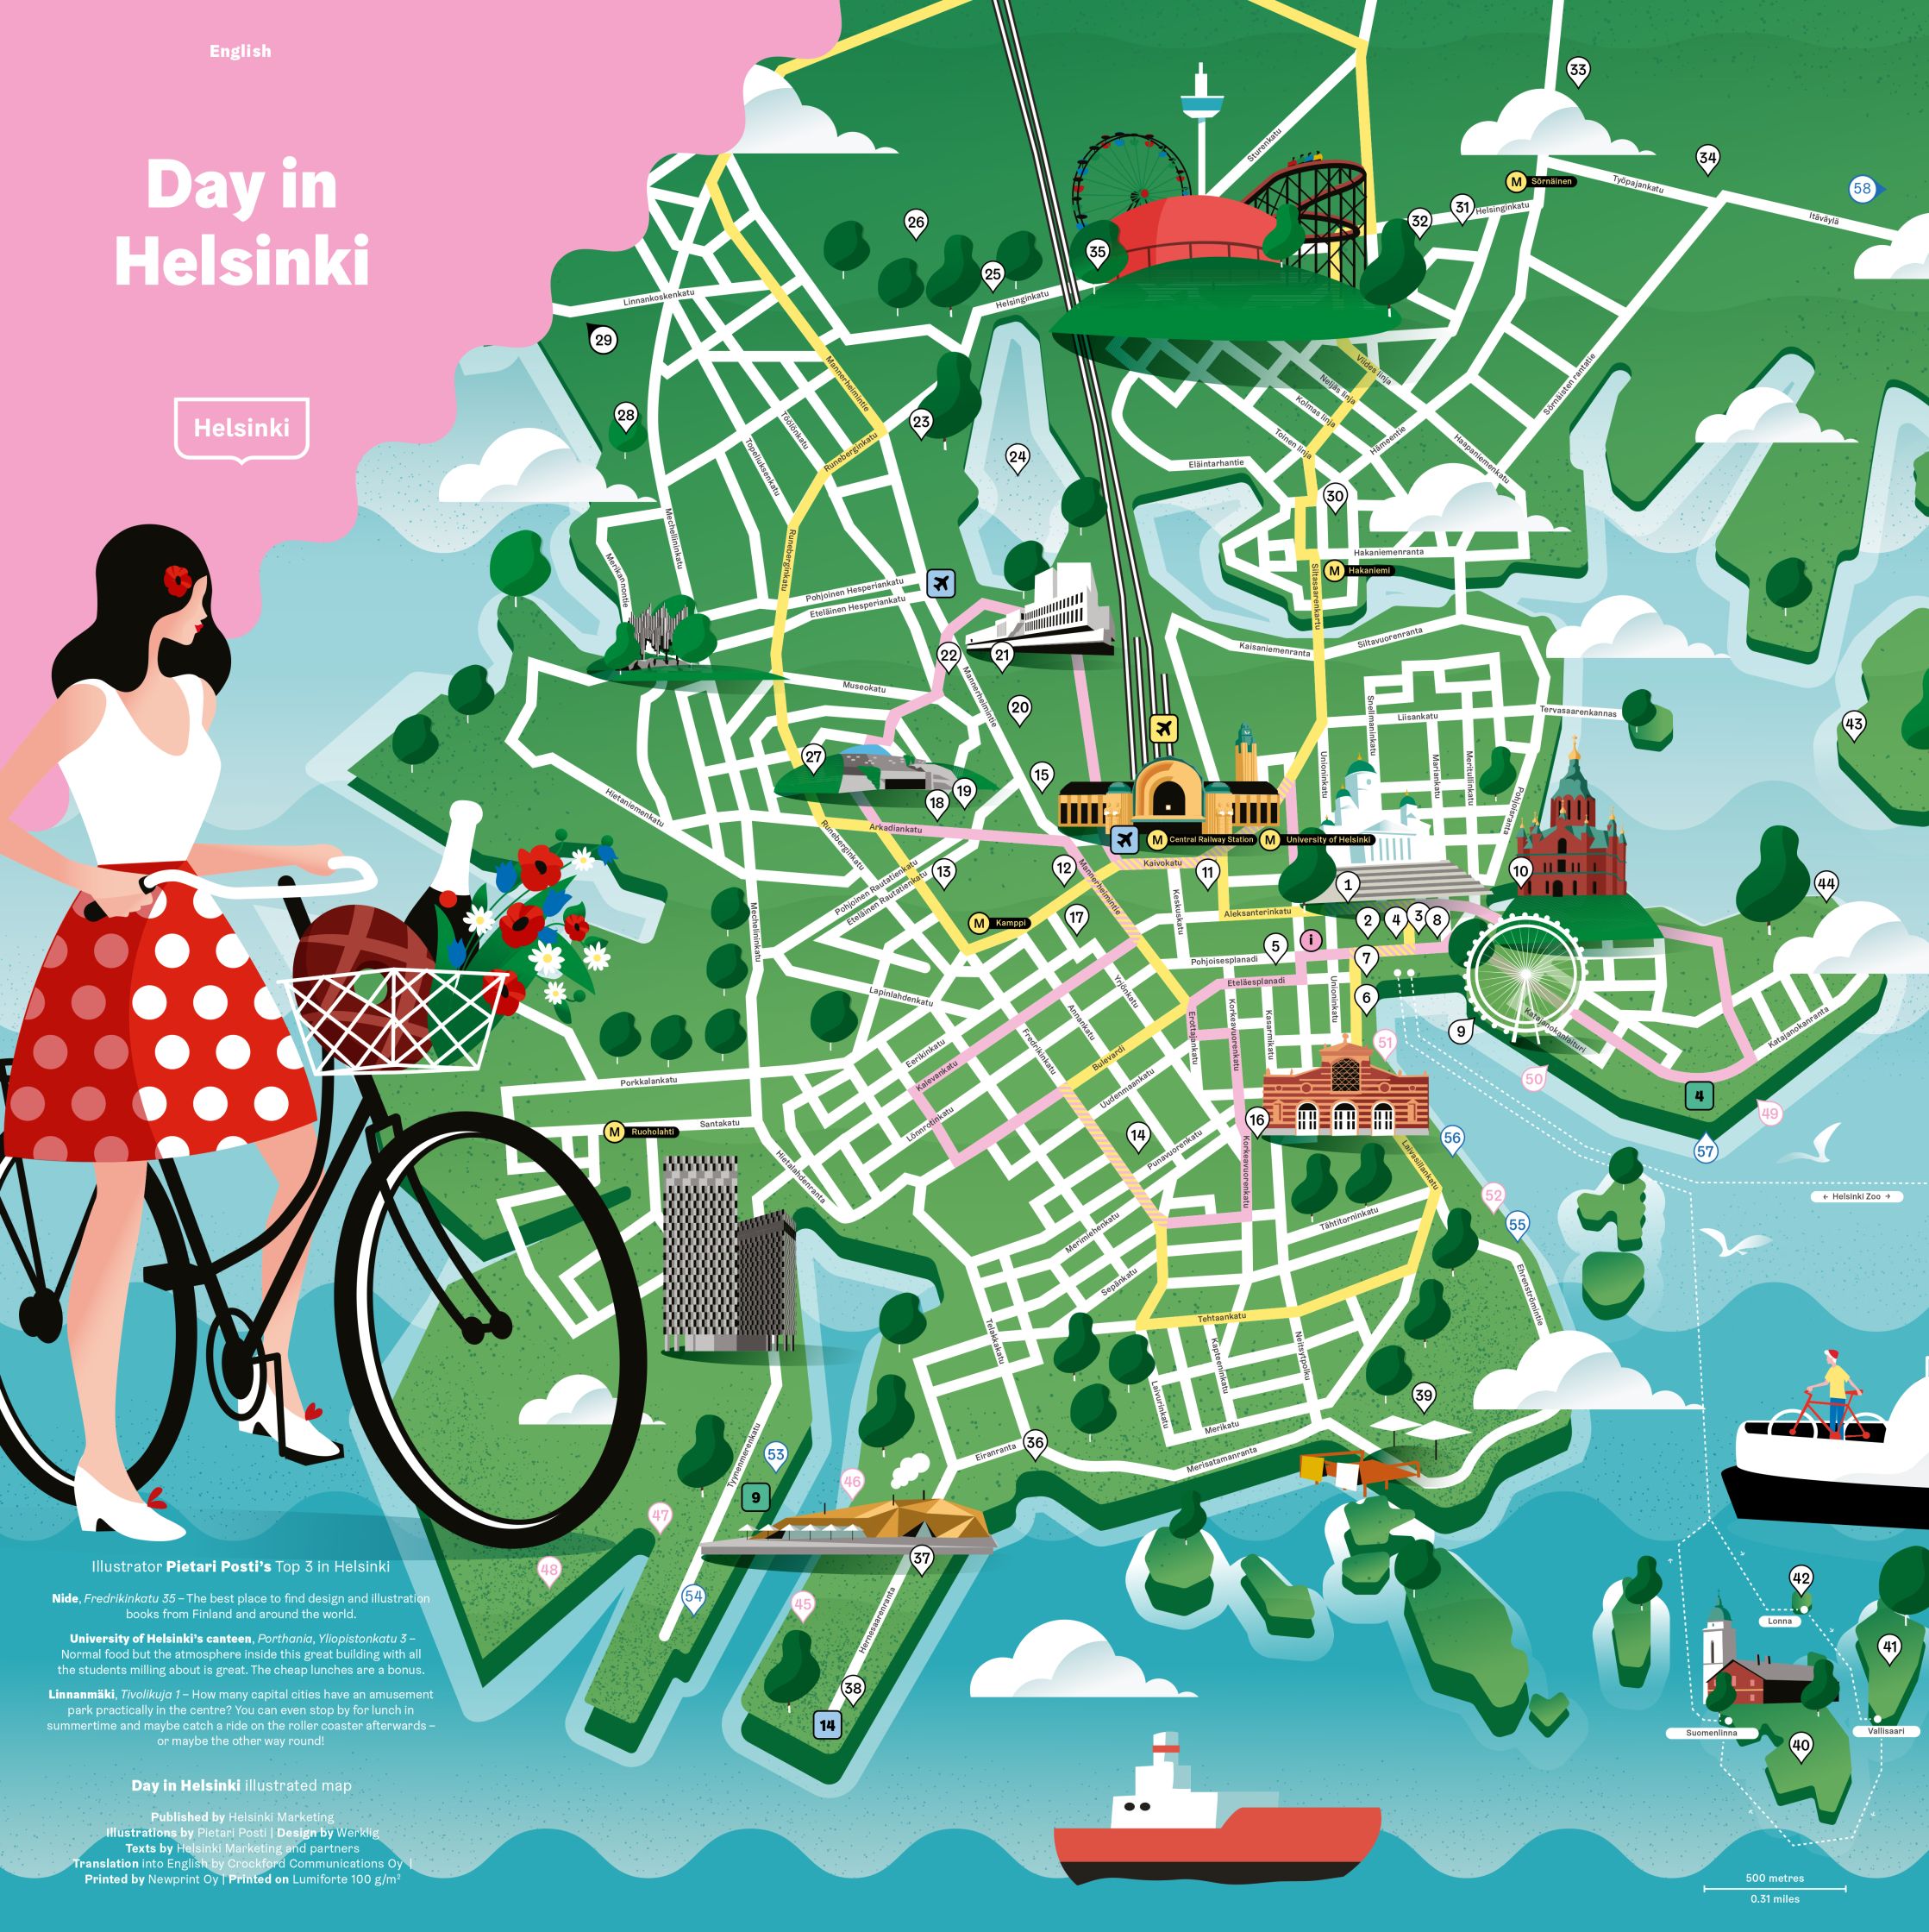 Day in Helsinki map 2017-1.jpg